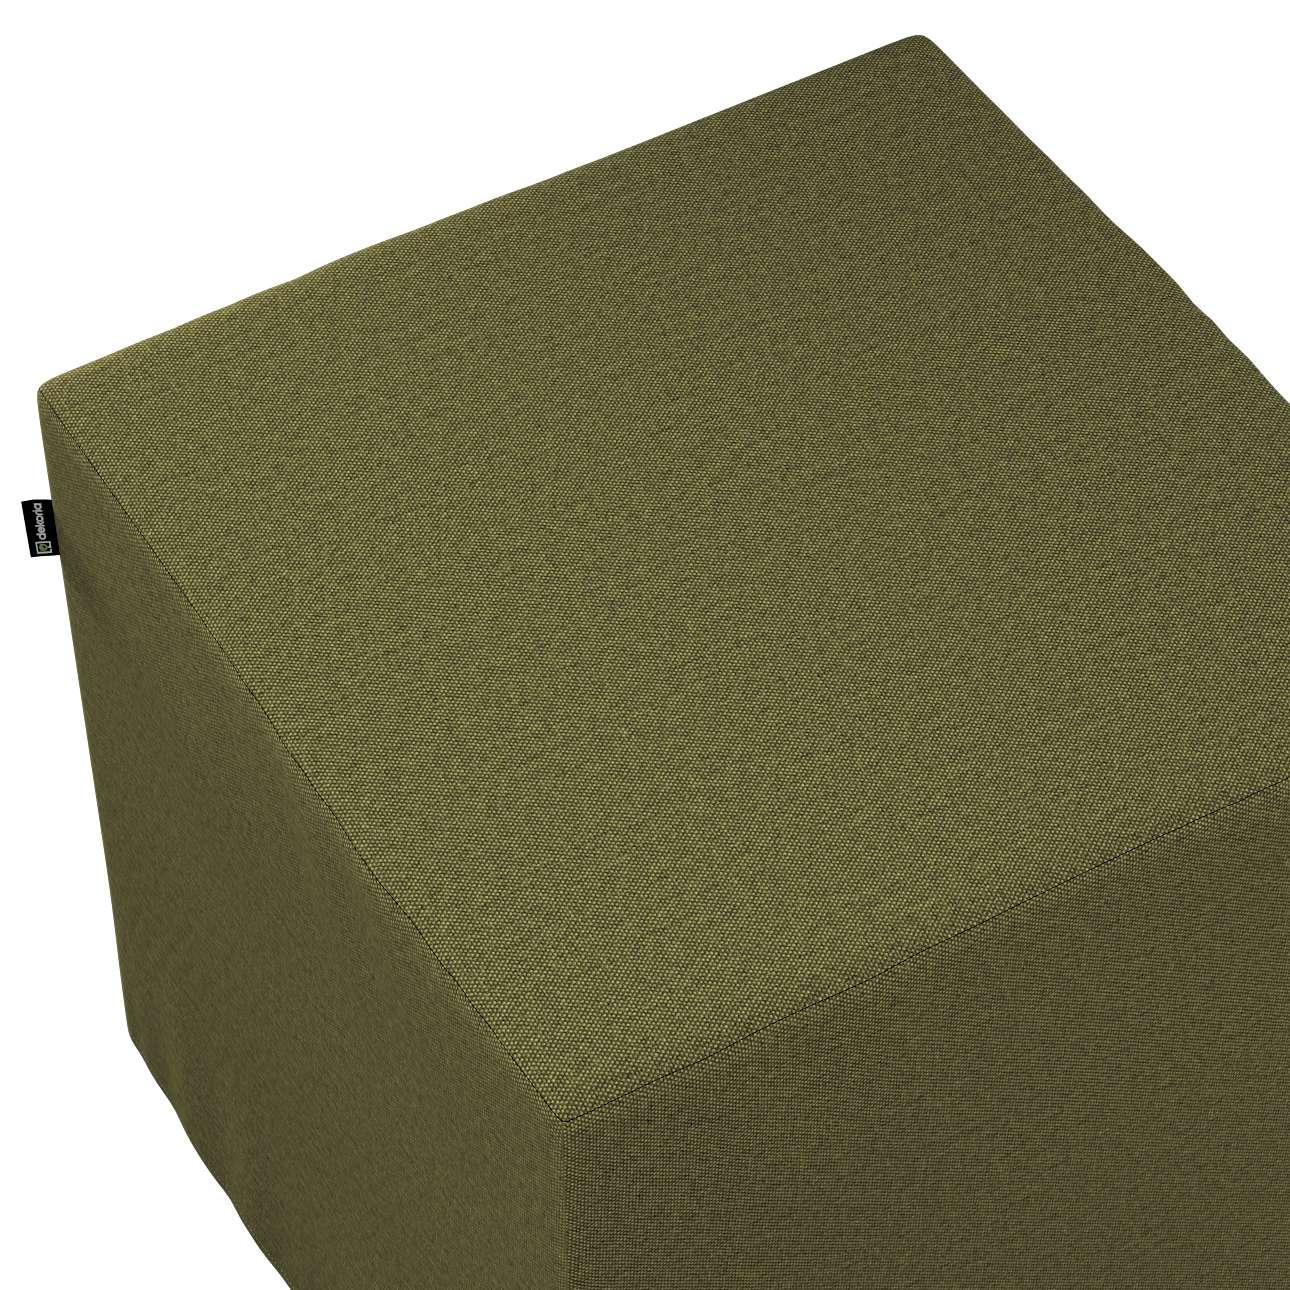 Pokrowiec na pufę kostkę w kolekcji Etna, tkanina: 161-26